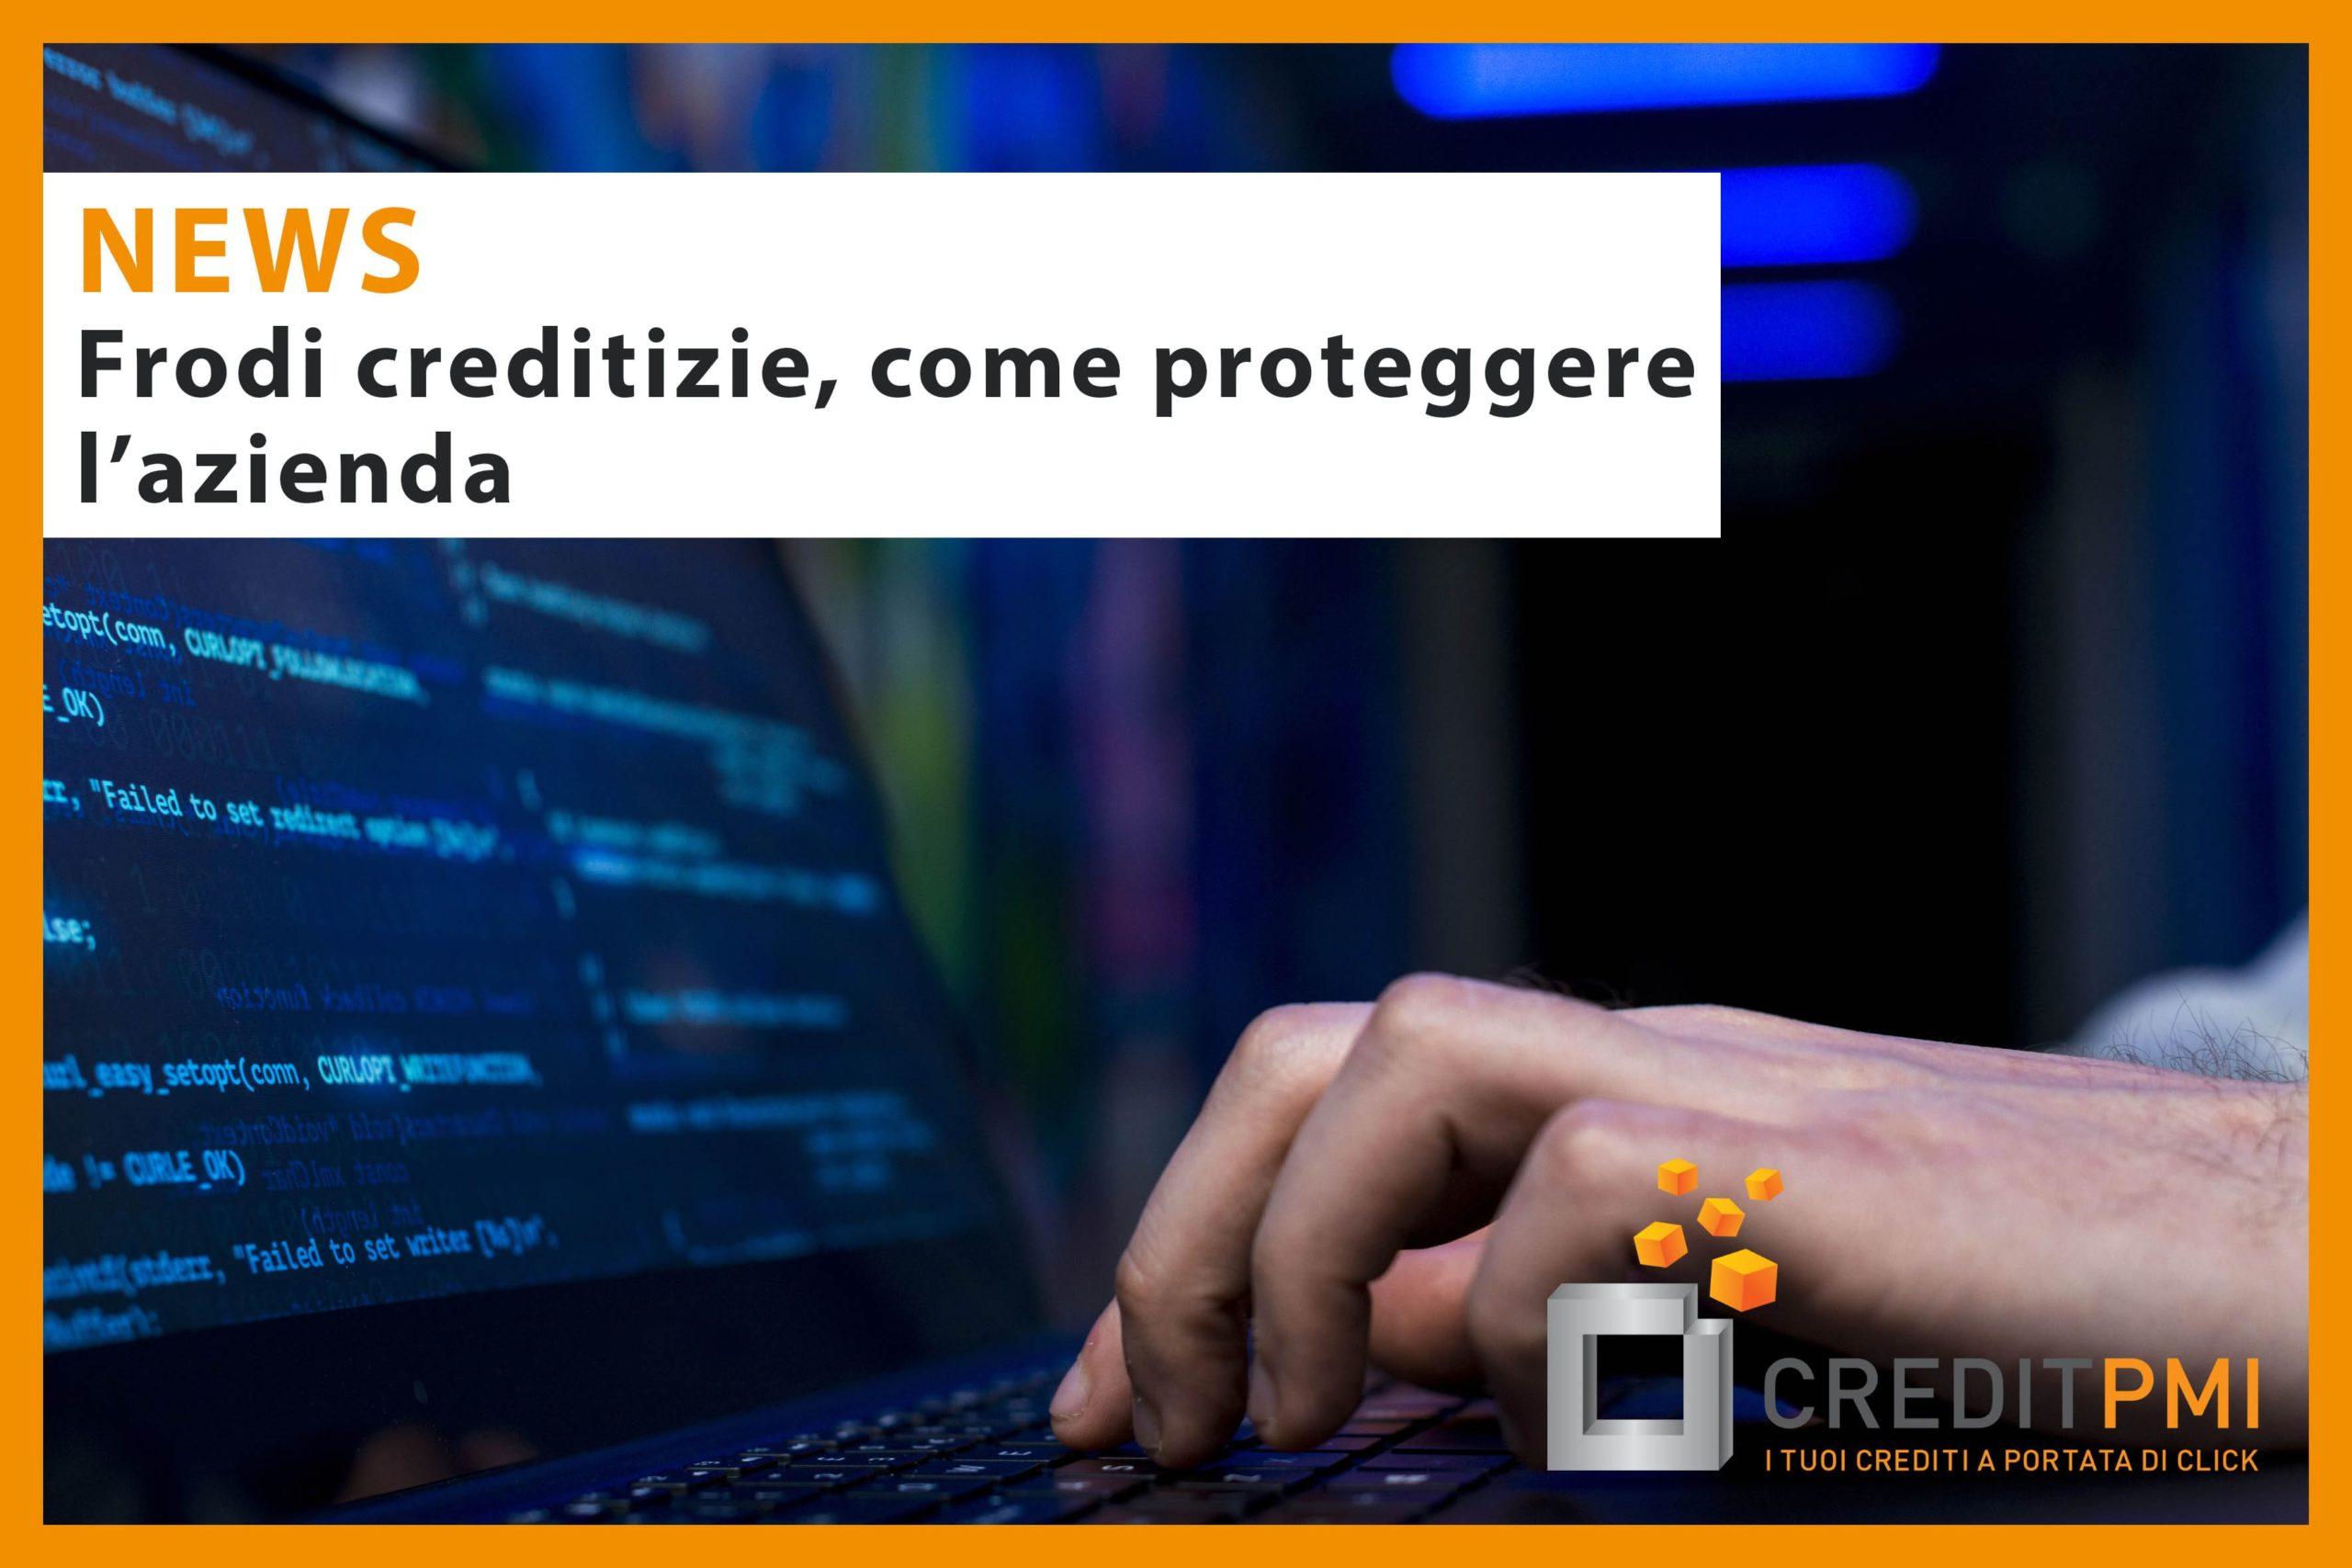 Frodi creditizie, come proteggere l'azienda